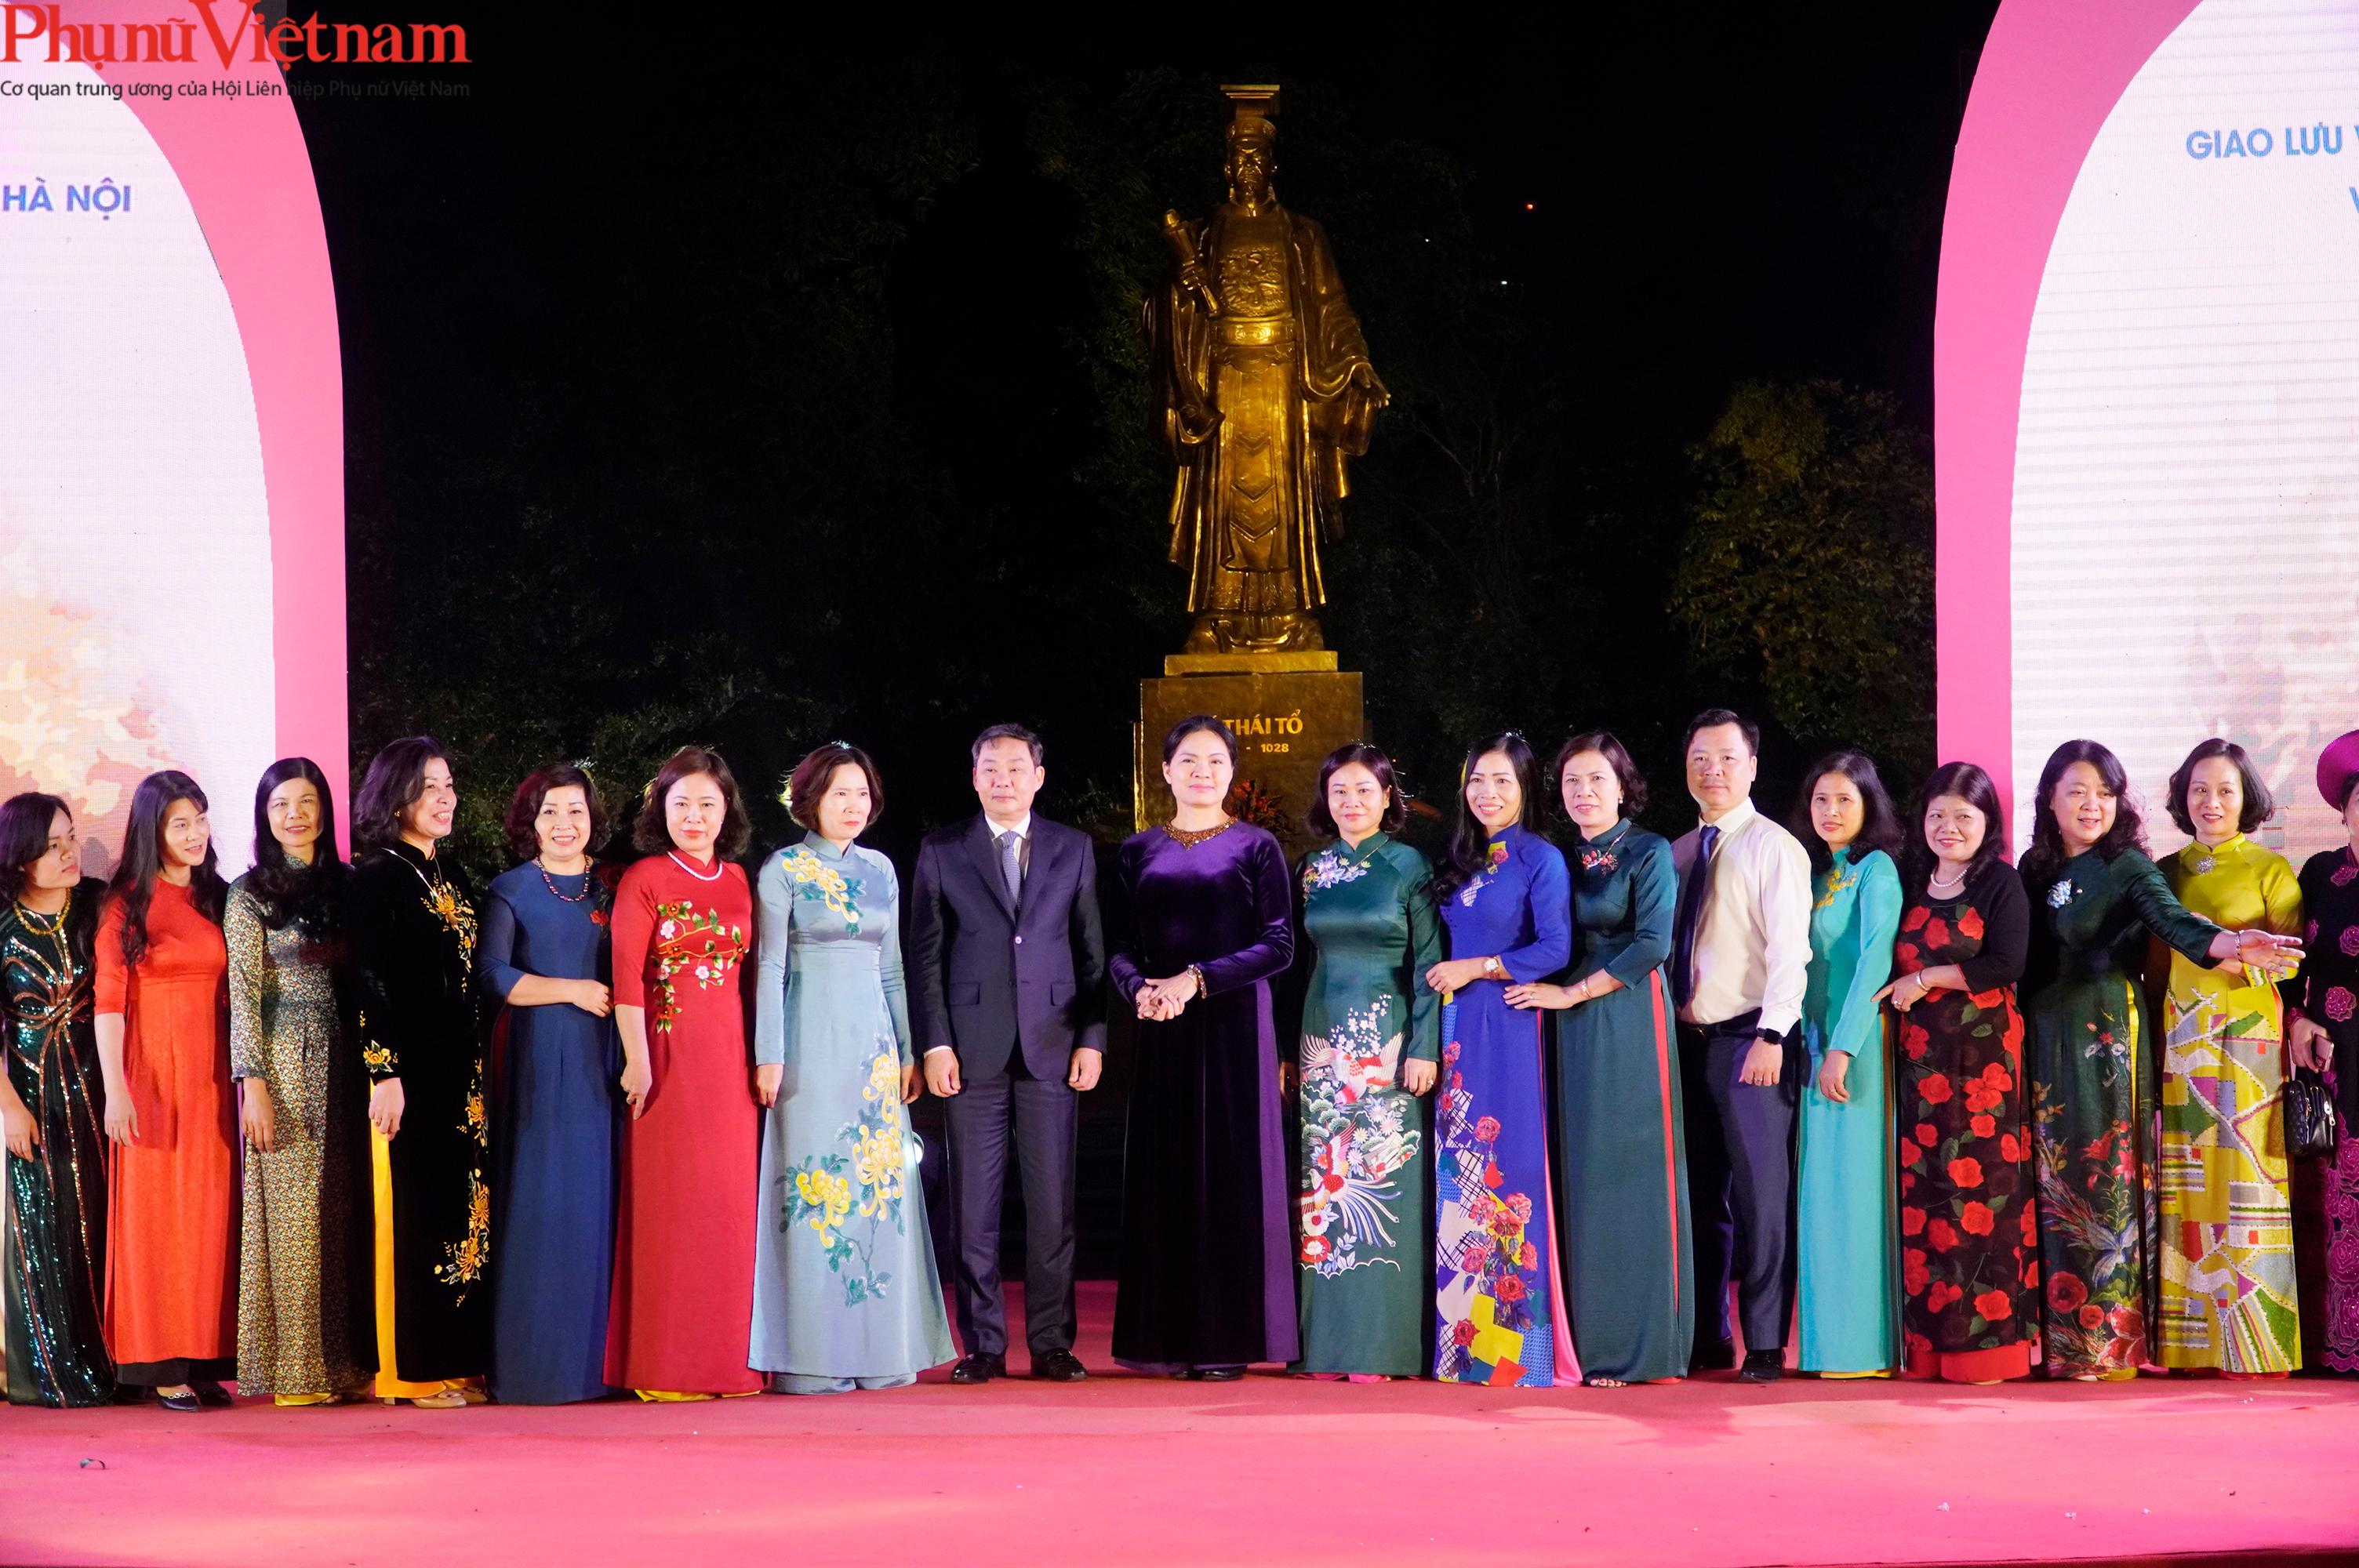 Phụ nữ Hà Nội giao lưu văn hóa, du lịch và sản phẩm sáng tạo với các tỉnh thành thuộc Đồng bằng sông Hồng - Ảnh 17.